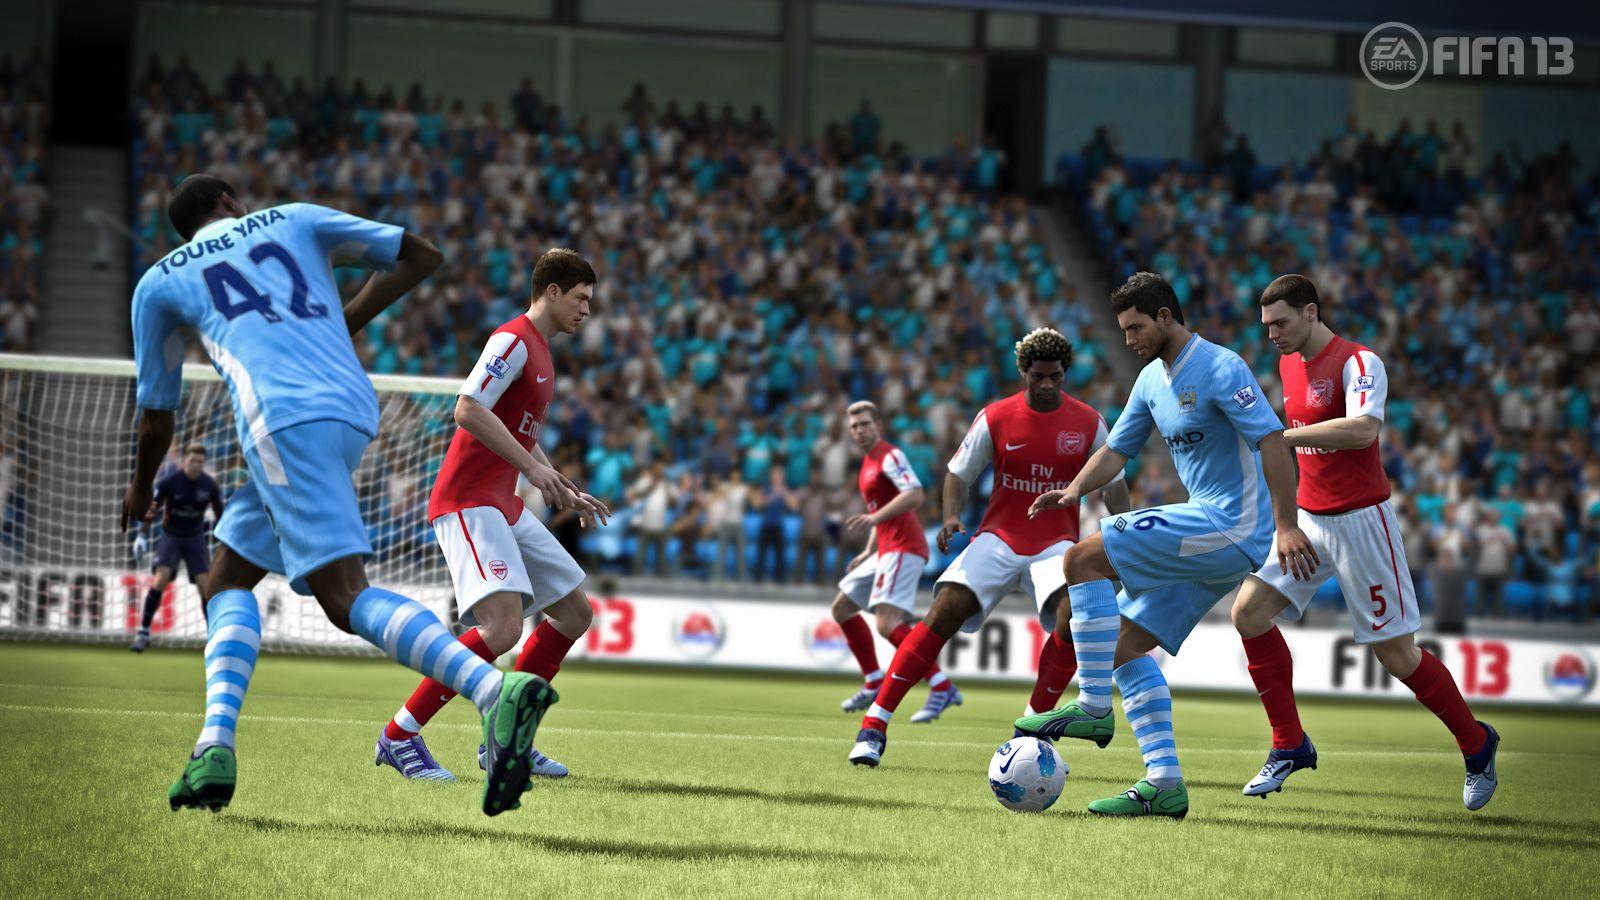 Nové obrázky z FIFA 13 65148